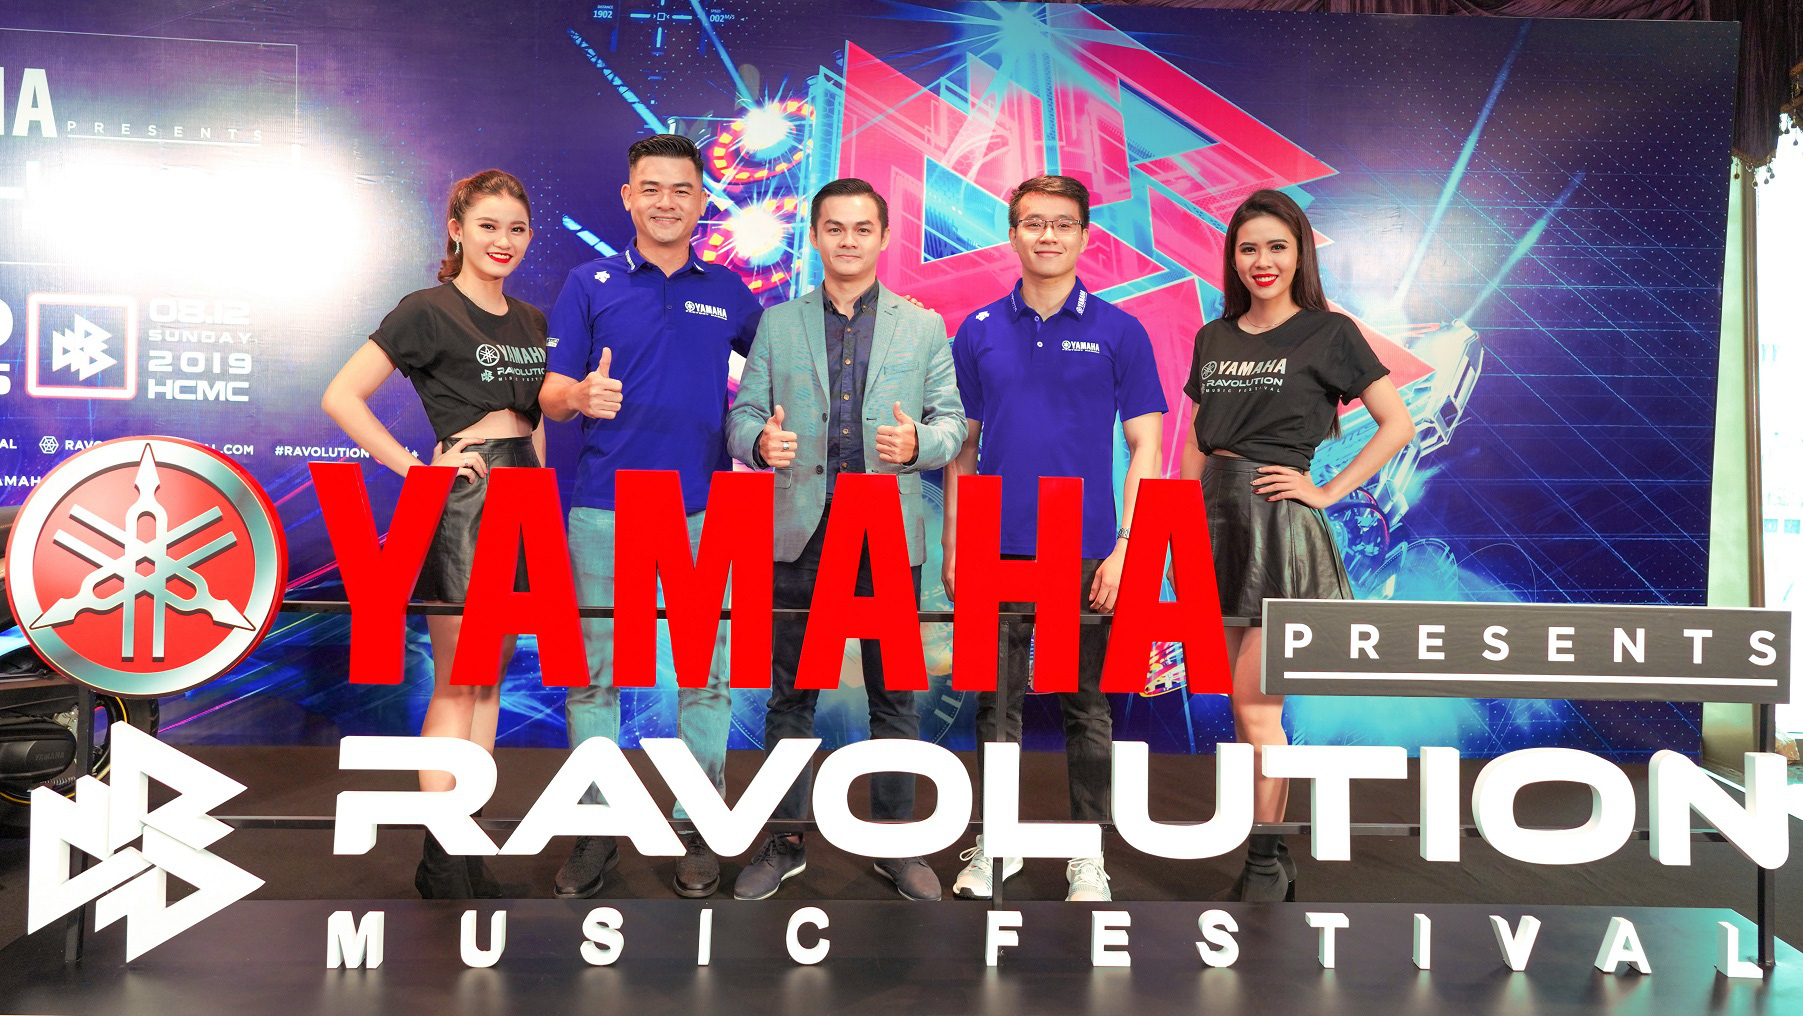 """Siêu đại nhạc hội EDM Yamaha Ravolution trở lại – Raver dậy sóng với dàn line-up """"cực khủng"""" - Ảnh 5."""